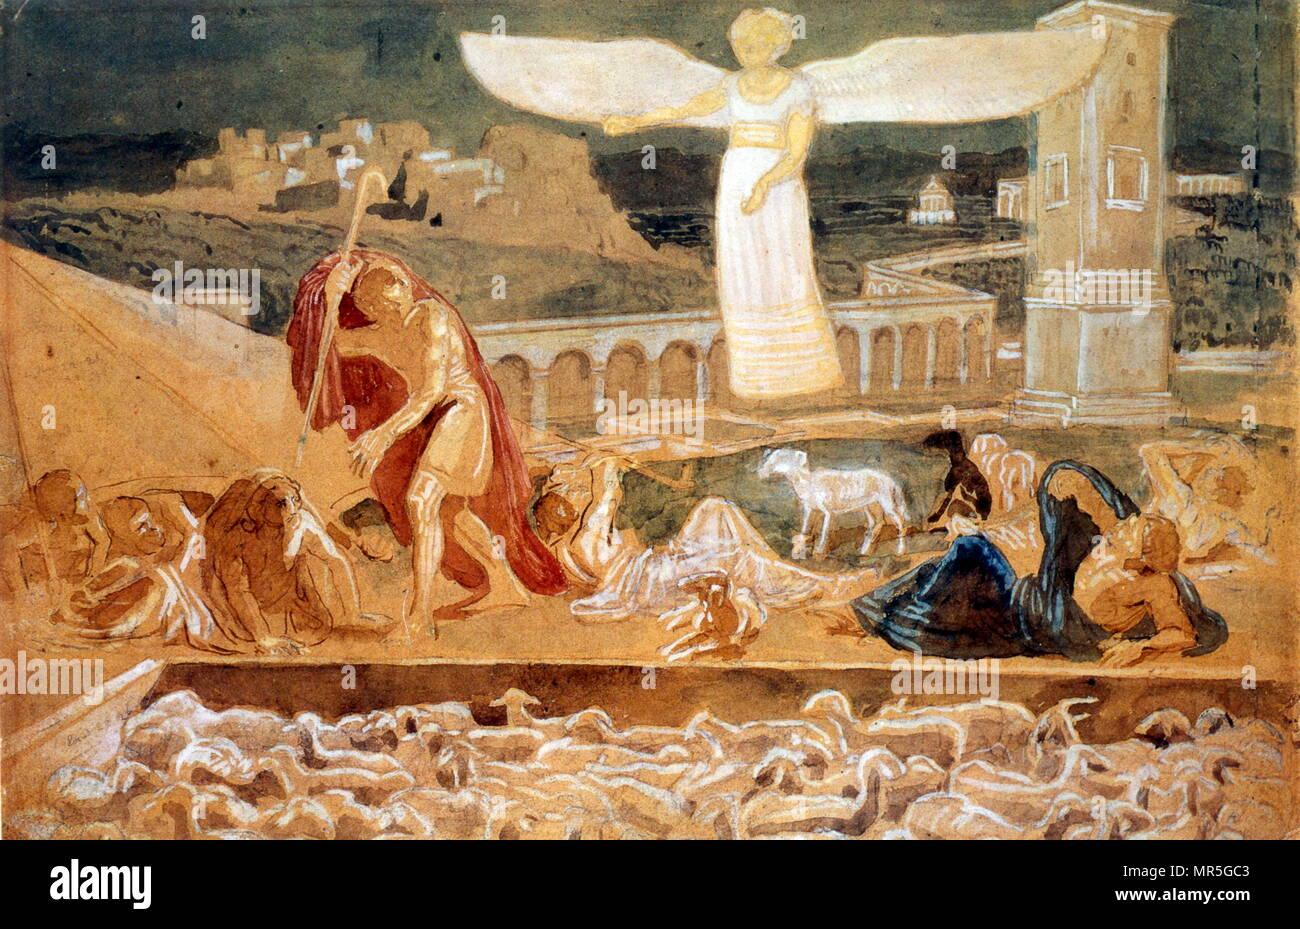 L'apparence d'un ange annonçant la naissance du Christ. Peinture à l'huile sur toile, par le peintre russe Alexandre Andreïevitch Ivanov (1806-1858); . Photo Stock